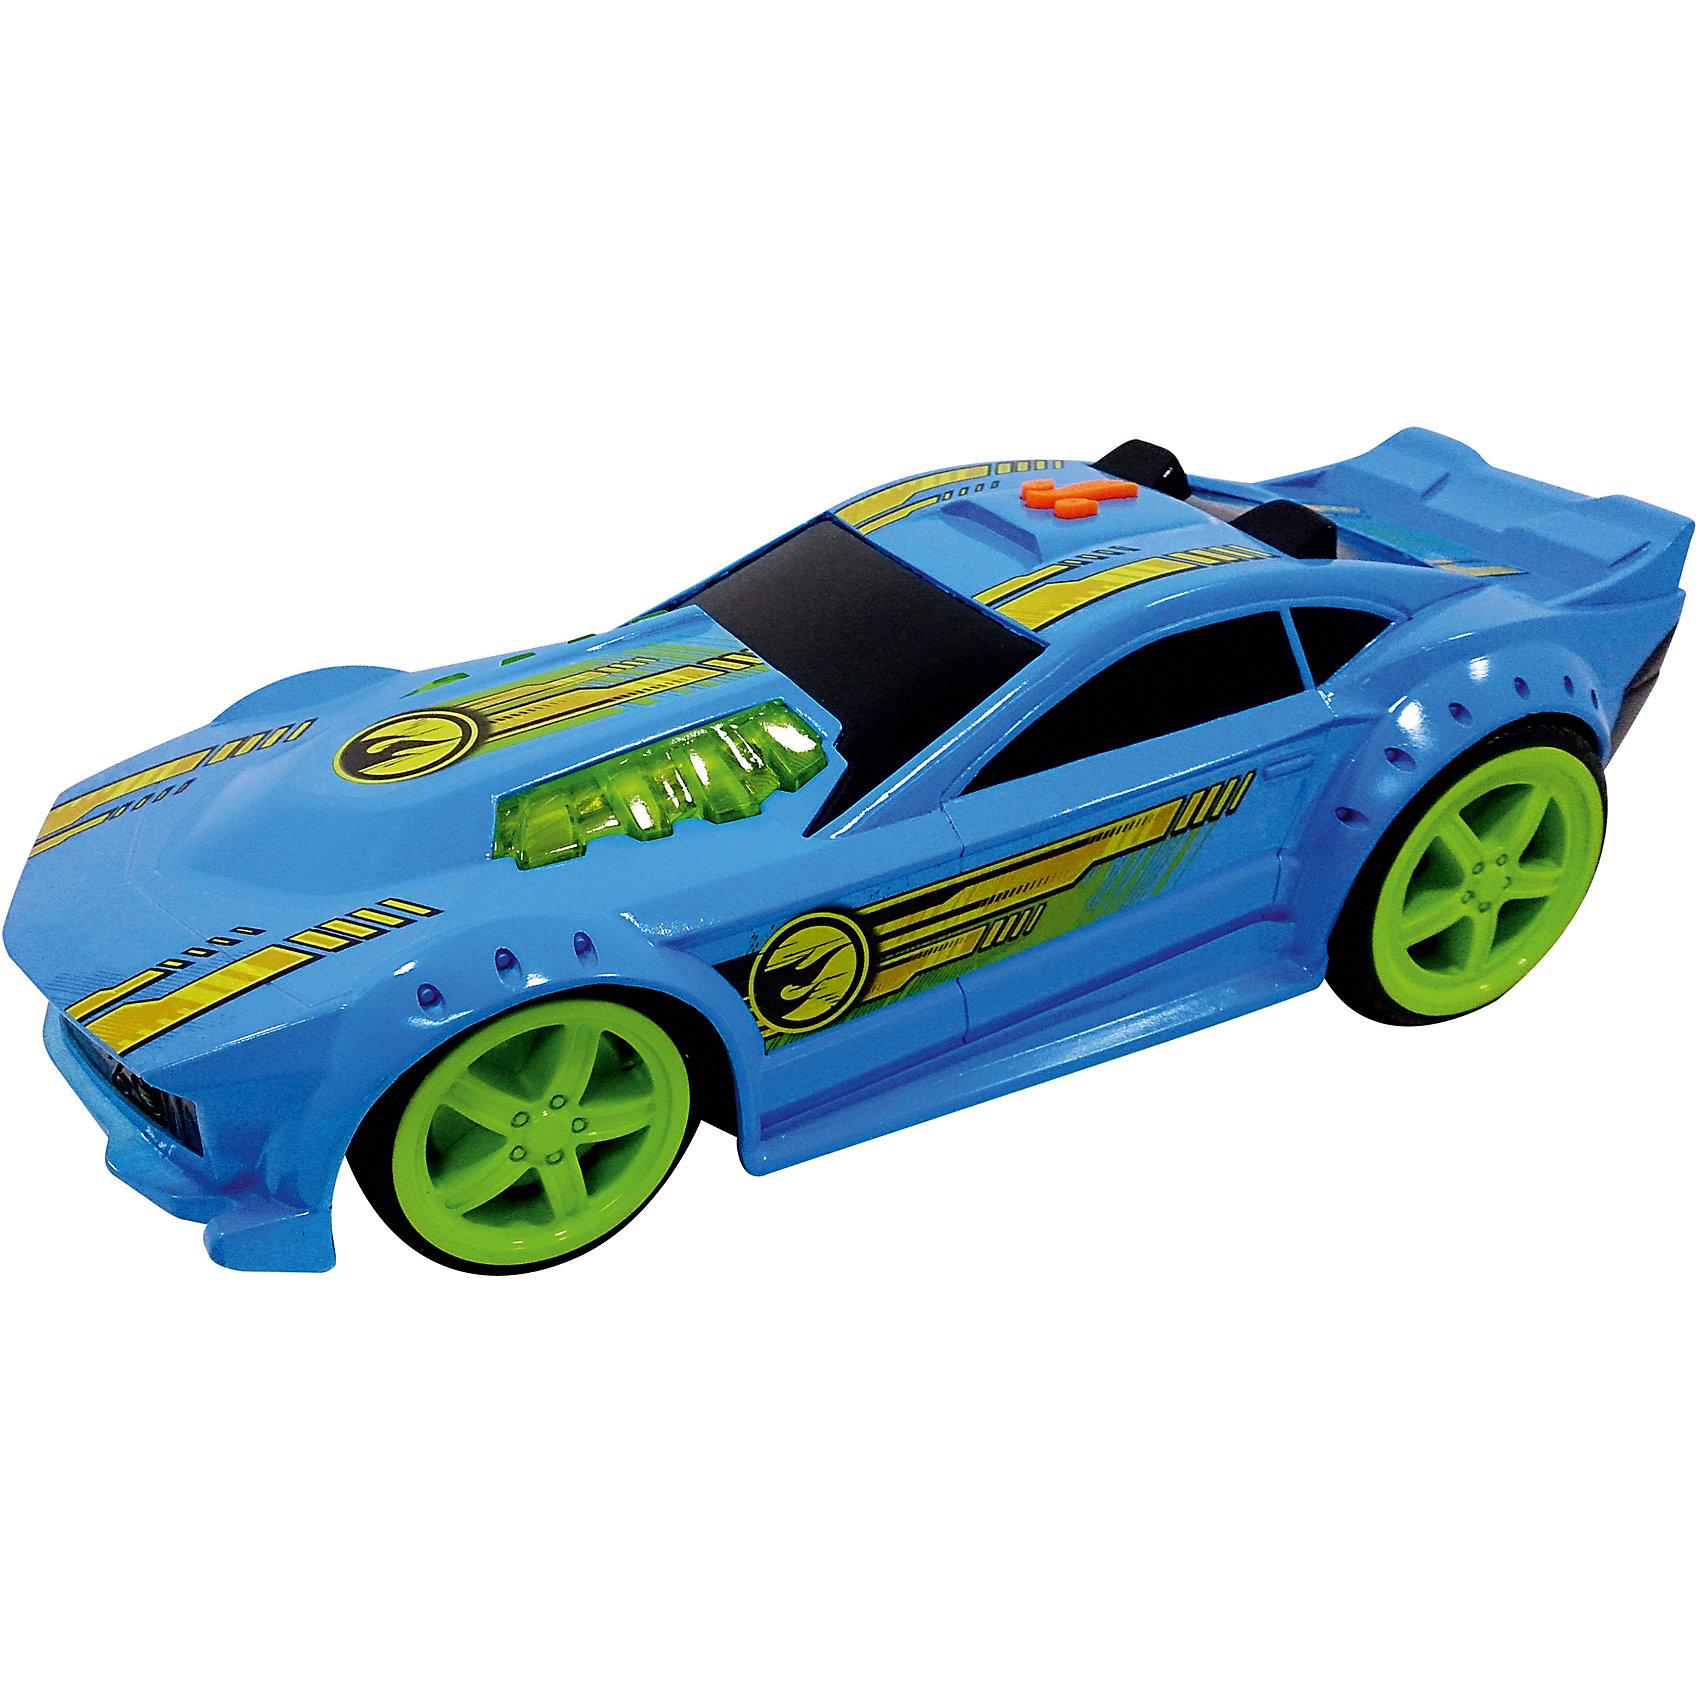 Машинка Mega Muscle - Drift Rod (свет, звук), синяя, 32,5 см, Hot WheelsМашинки<br>Характеристики товара:<br><br>- цвет: синий;<br>- материал: пластик, металл;<br>- особенности: со световыми и звуковыми эффектами;<br>- вес: 890 г;<br>- на батарейках;<br>- размер упаковки: 18х17х38;<br>- размер машинки: 32,5 см.<br><br>Какой мальчишка откажется поиграть с коллекционной машинкой Hot Wheels, которая выглядит как настоящая?! Машинка очень эффектно смотрится, она дополнена световыми и звуковыми эффектами, работает на батарейках. Игрушка отлично детализирована, очень качественно выполнена, поэтому она станет отличным подарком ребенку. Продается в красивой упаковке.<br>Изделия произведены из высококачественного материала, безопасного для детей.<br><br>Машинку на батарейках Hot Wheels можно купить в нашем интернет-магазине.<br><br>Ширина мм: 380<br>Глубина мм: 170<br>Высота мм: 180<br>Вес г: 880<br>Возраст от месяцев: 36<br>Возраст до месяцев: 2147483647<br>Пол: Мужской<br>Возраст: Детский<br>SKU: 5066742